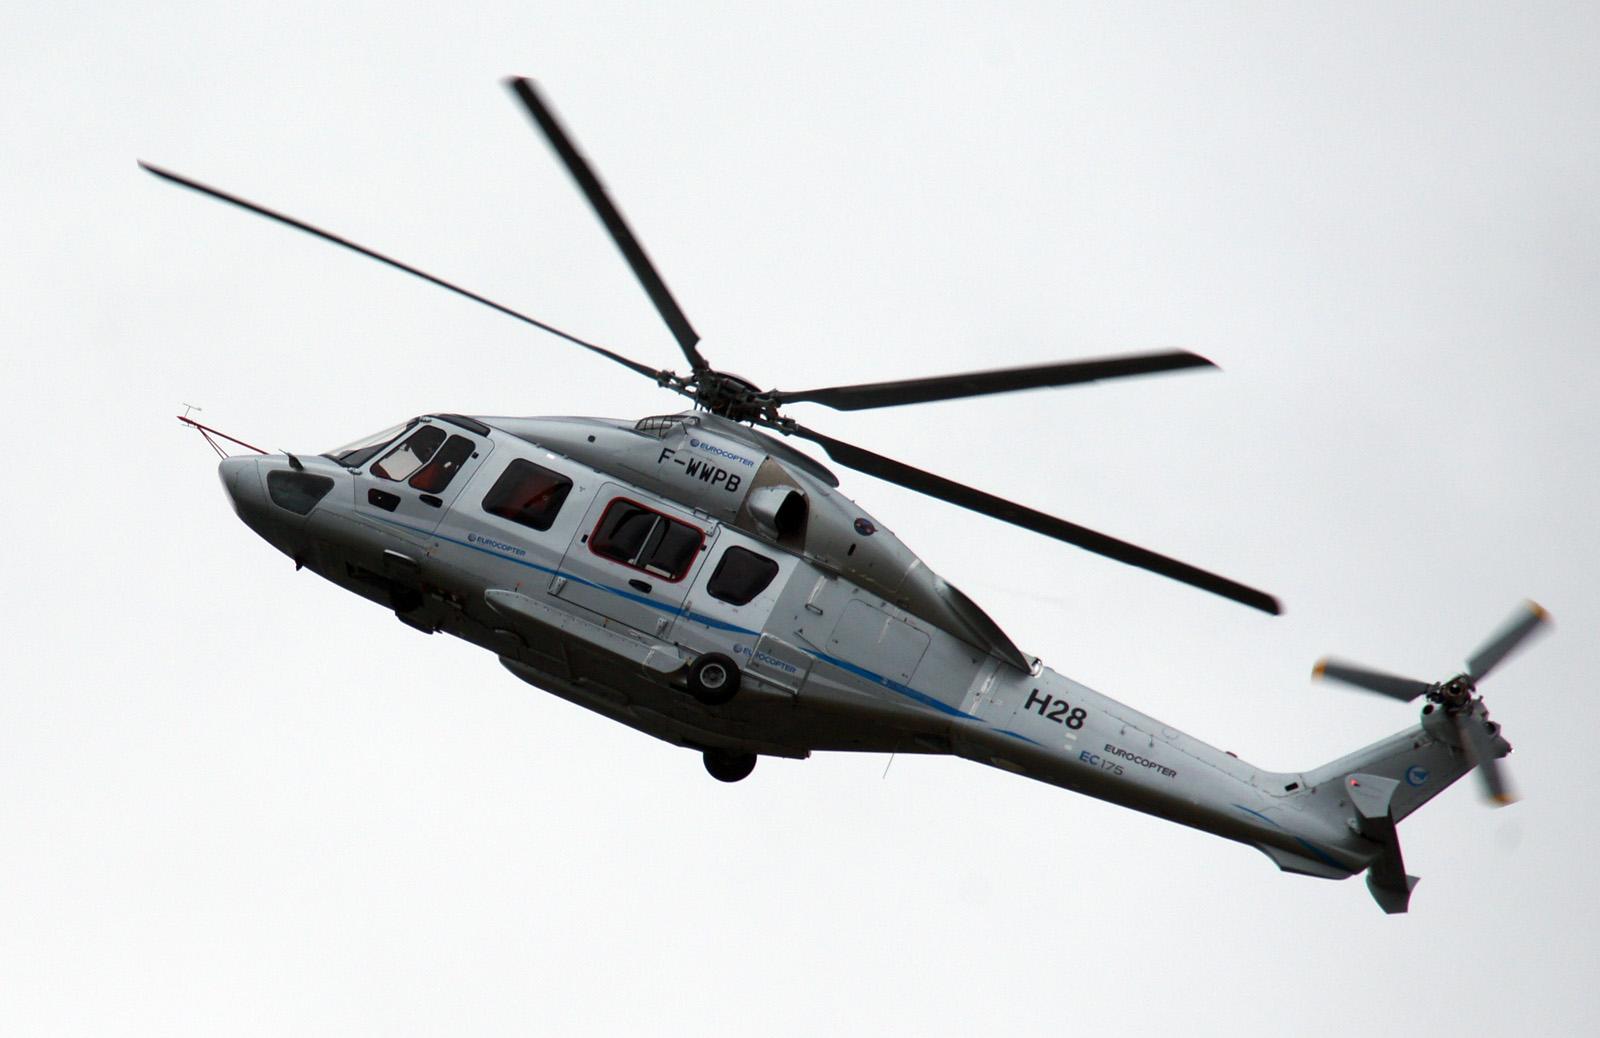 F-WWPB Eurocopter EC175